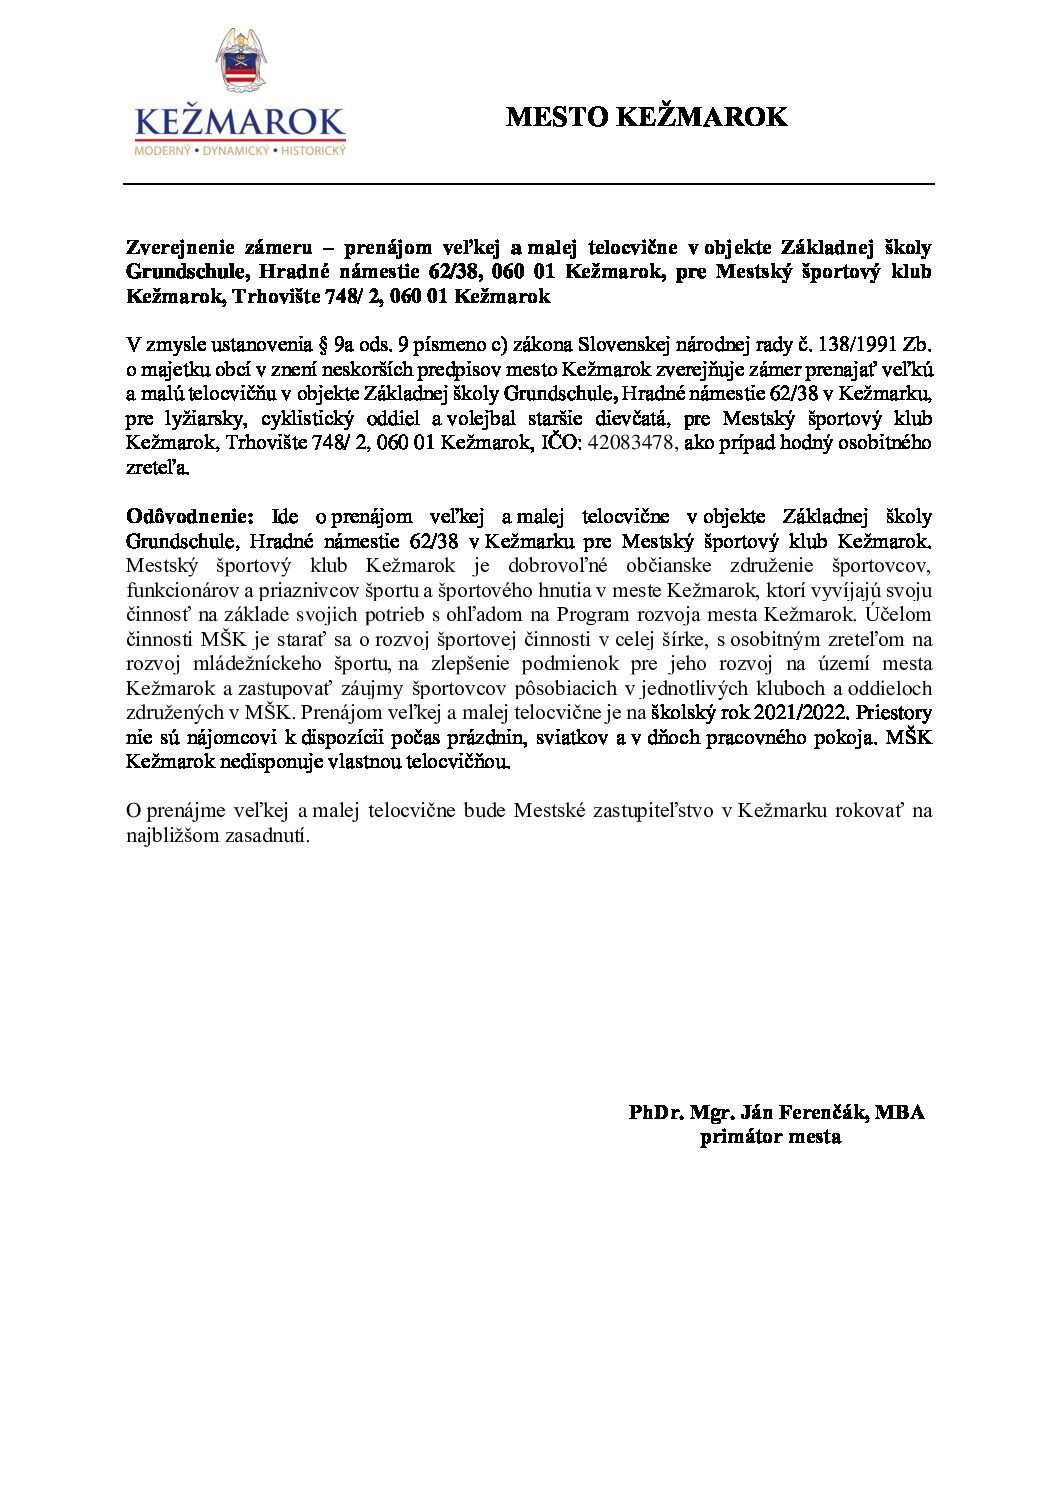 Zverejnenie zámeru - prenájom veľkej a malej telocvične v objekte ZŠ Grundchule Kežmarok